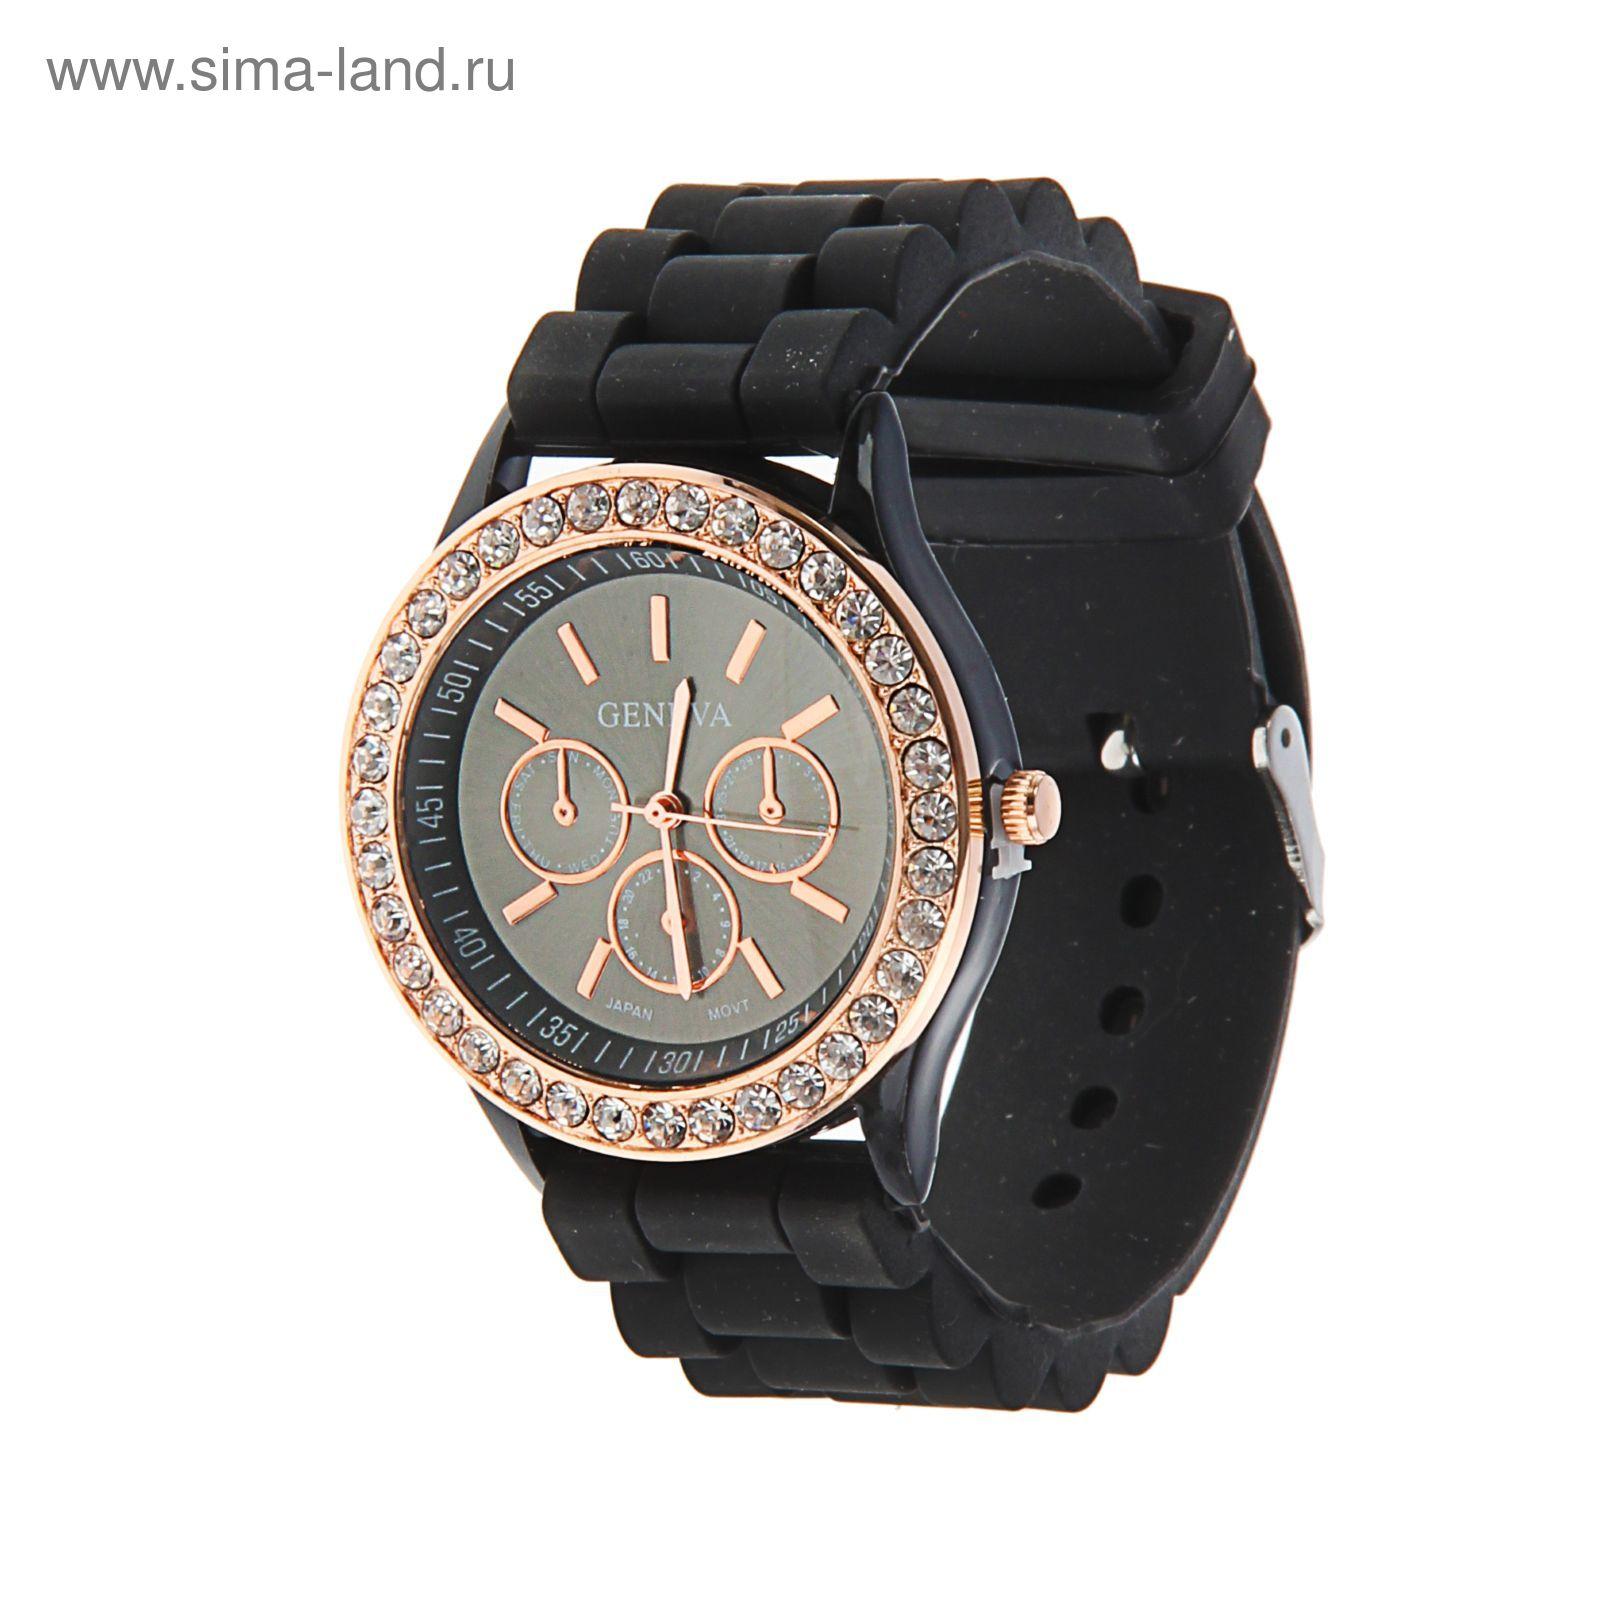 01df1c80 Часы наручные женские Женева 3 циферблата, корп со стразами, силикон  ремешок черн